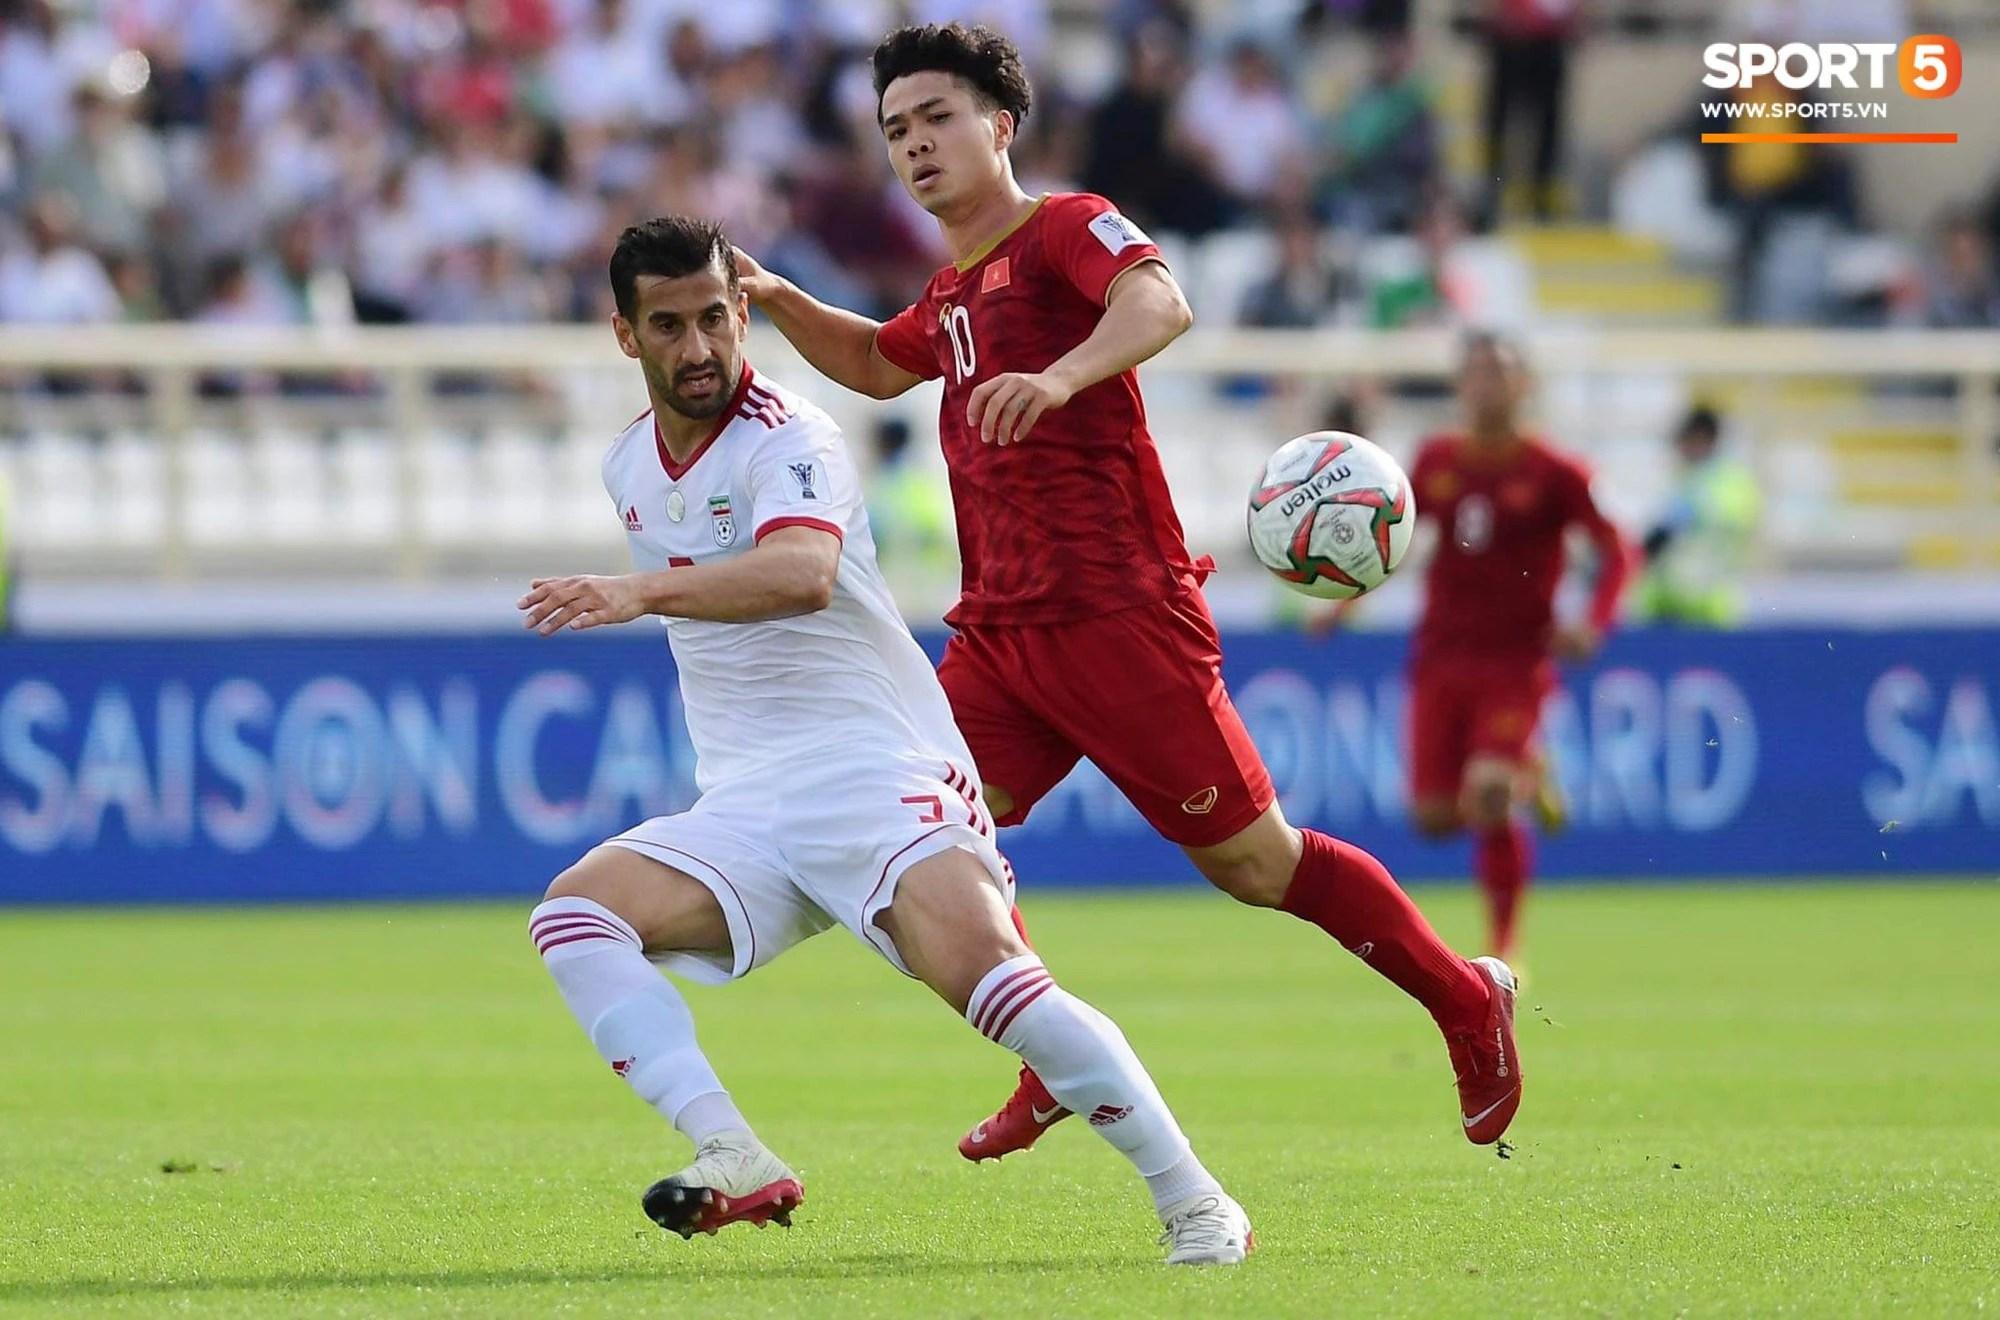 Quang Hải hét lớn, hô hào đồng đội đứng dậy sau bàn thua - Ảnh 9.